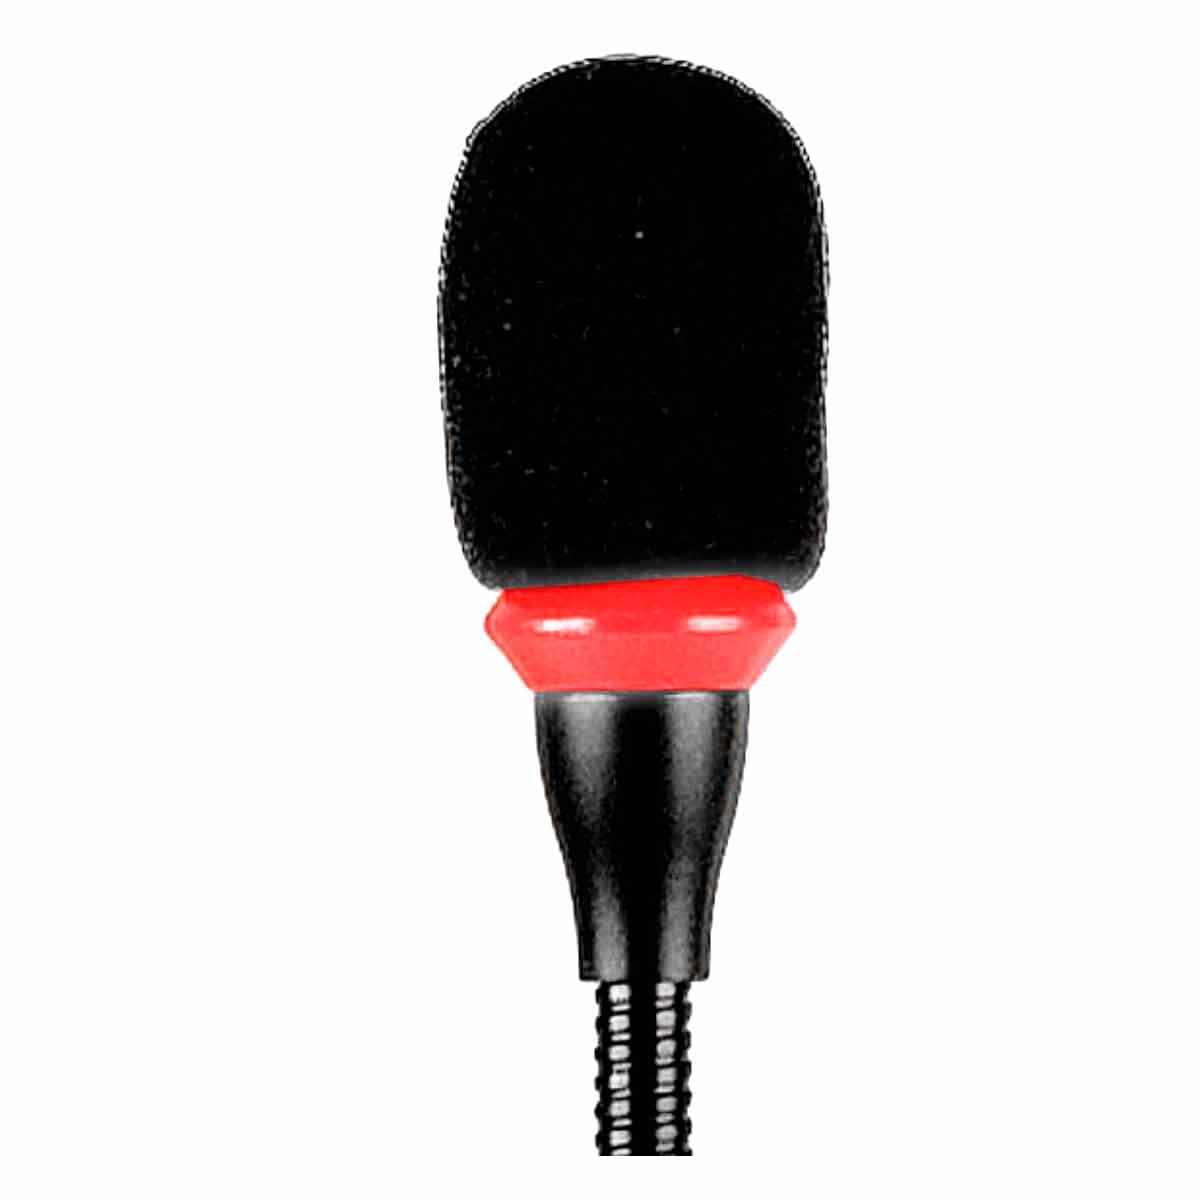 Microfofone Gooseneck GN 250 - TSI